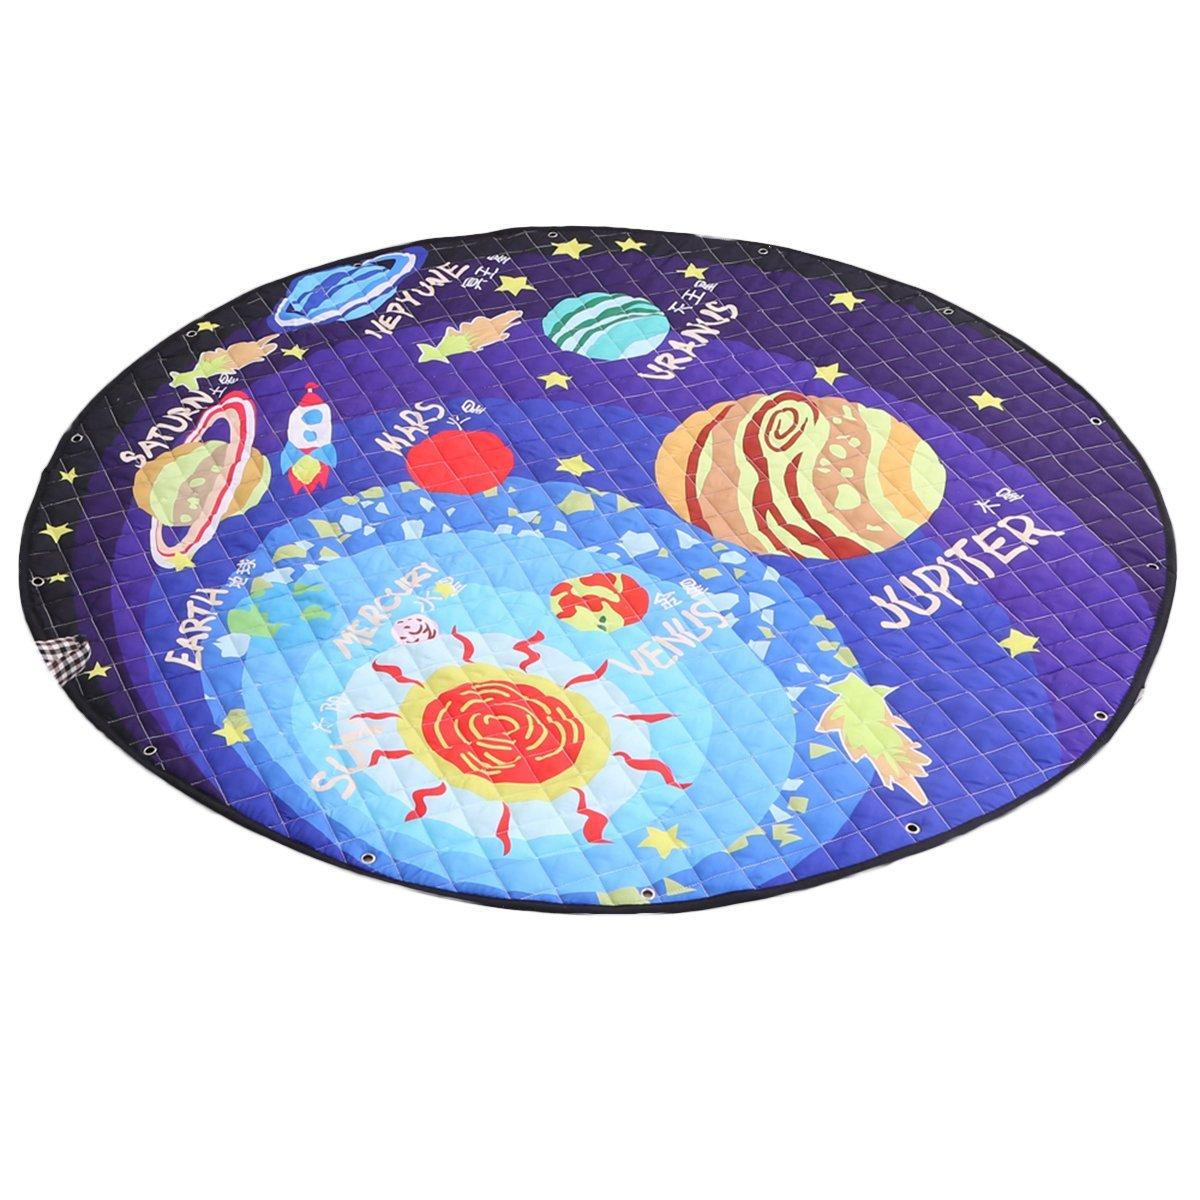 Vosarea Krabbeldecke Runde Teppich Baby Kinder Spiel Teppich Aufbewahrungstasche Rutschfest Boden Matte Haus Dekor (Solarsystem)